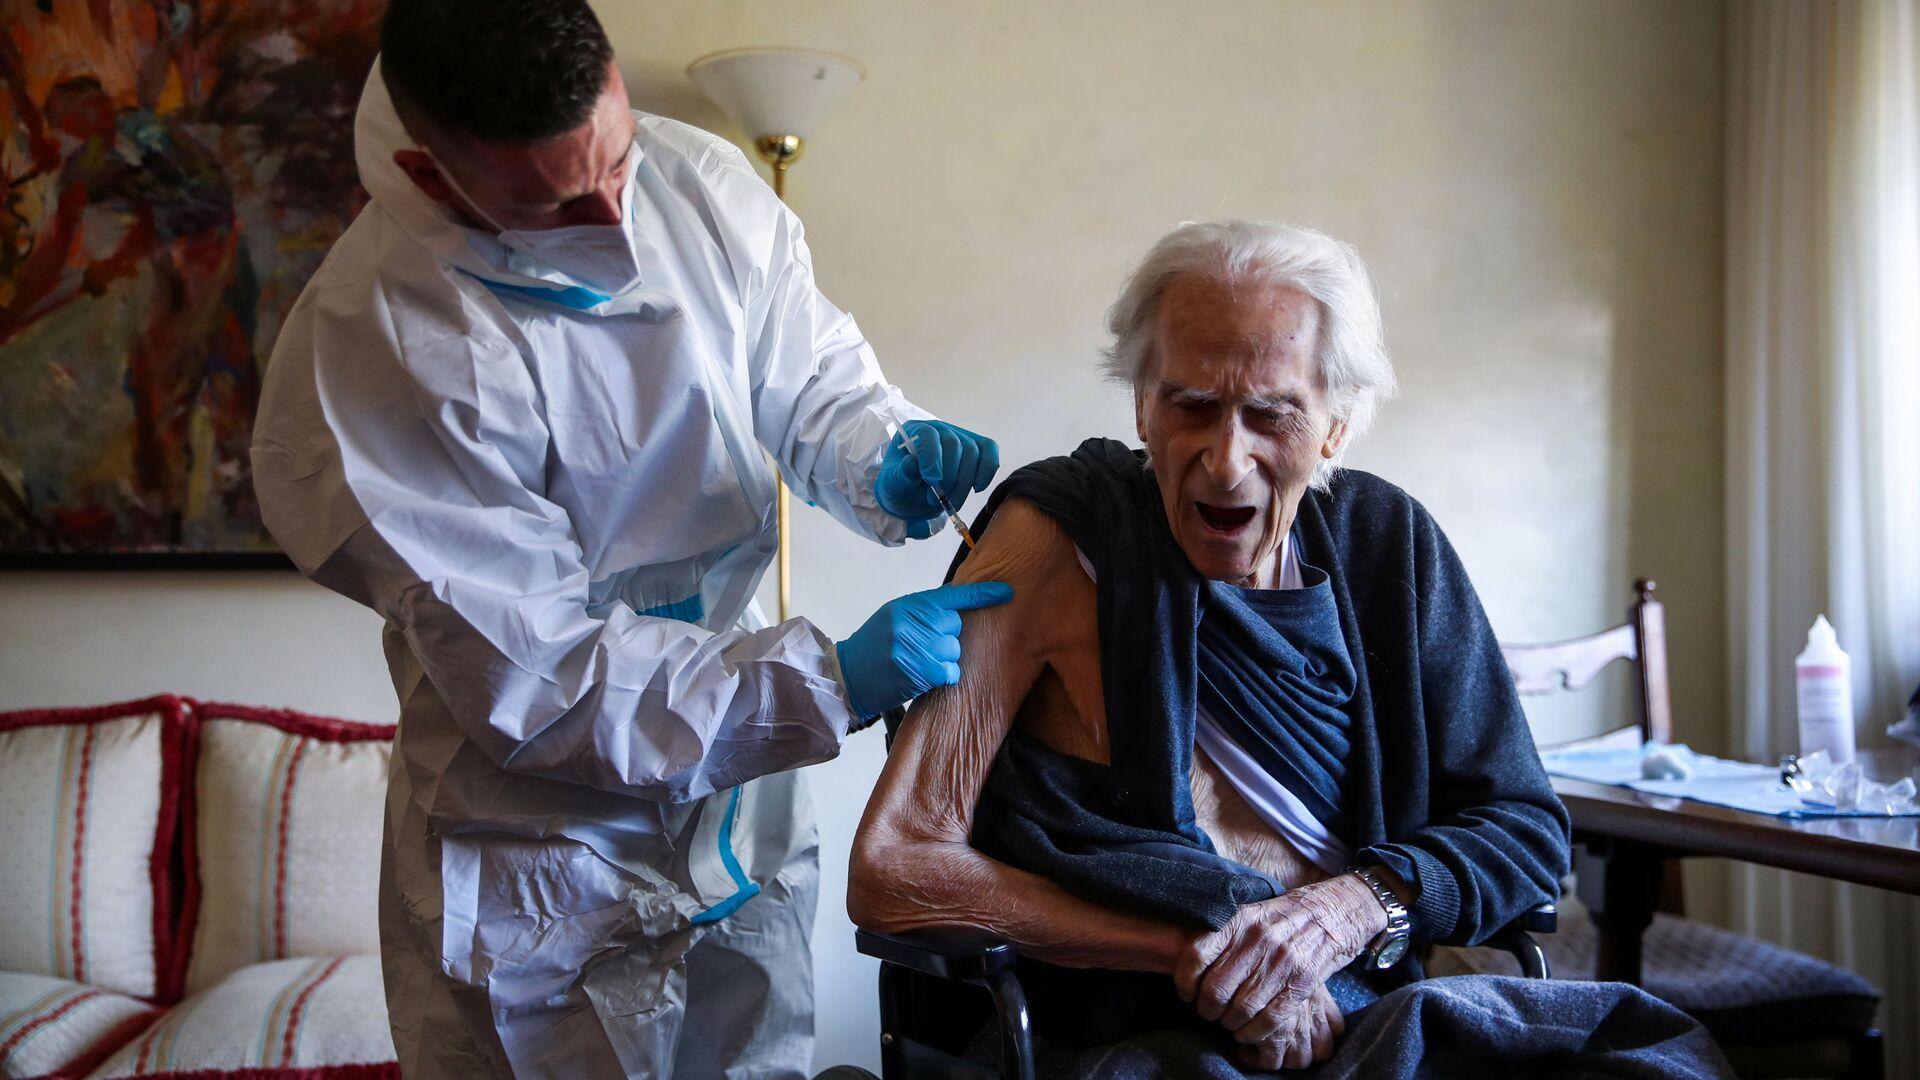 Vaccinazione con il vaccino Pfizer-BioNTech a Roma, in Italia - Sputnik Italia, 1920, 22.05.2021